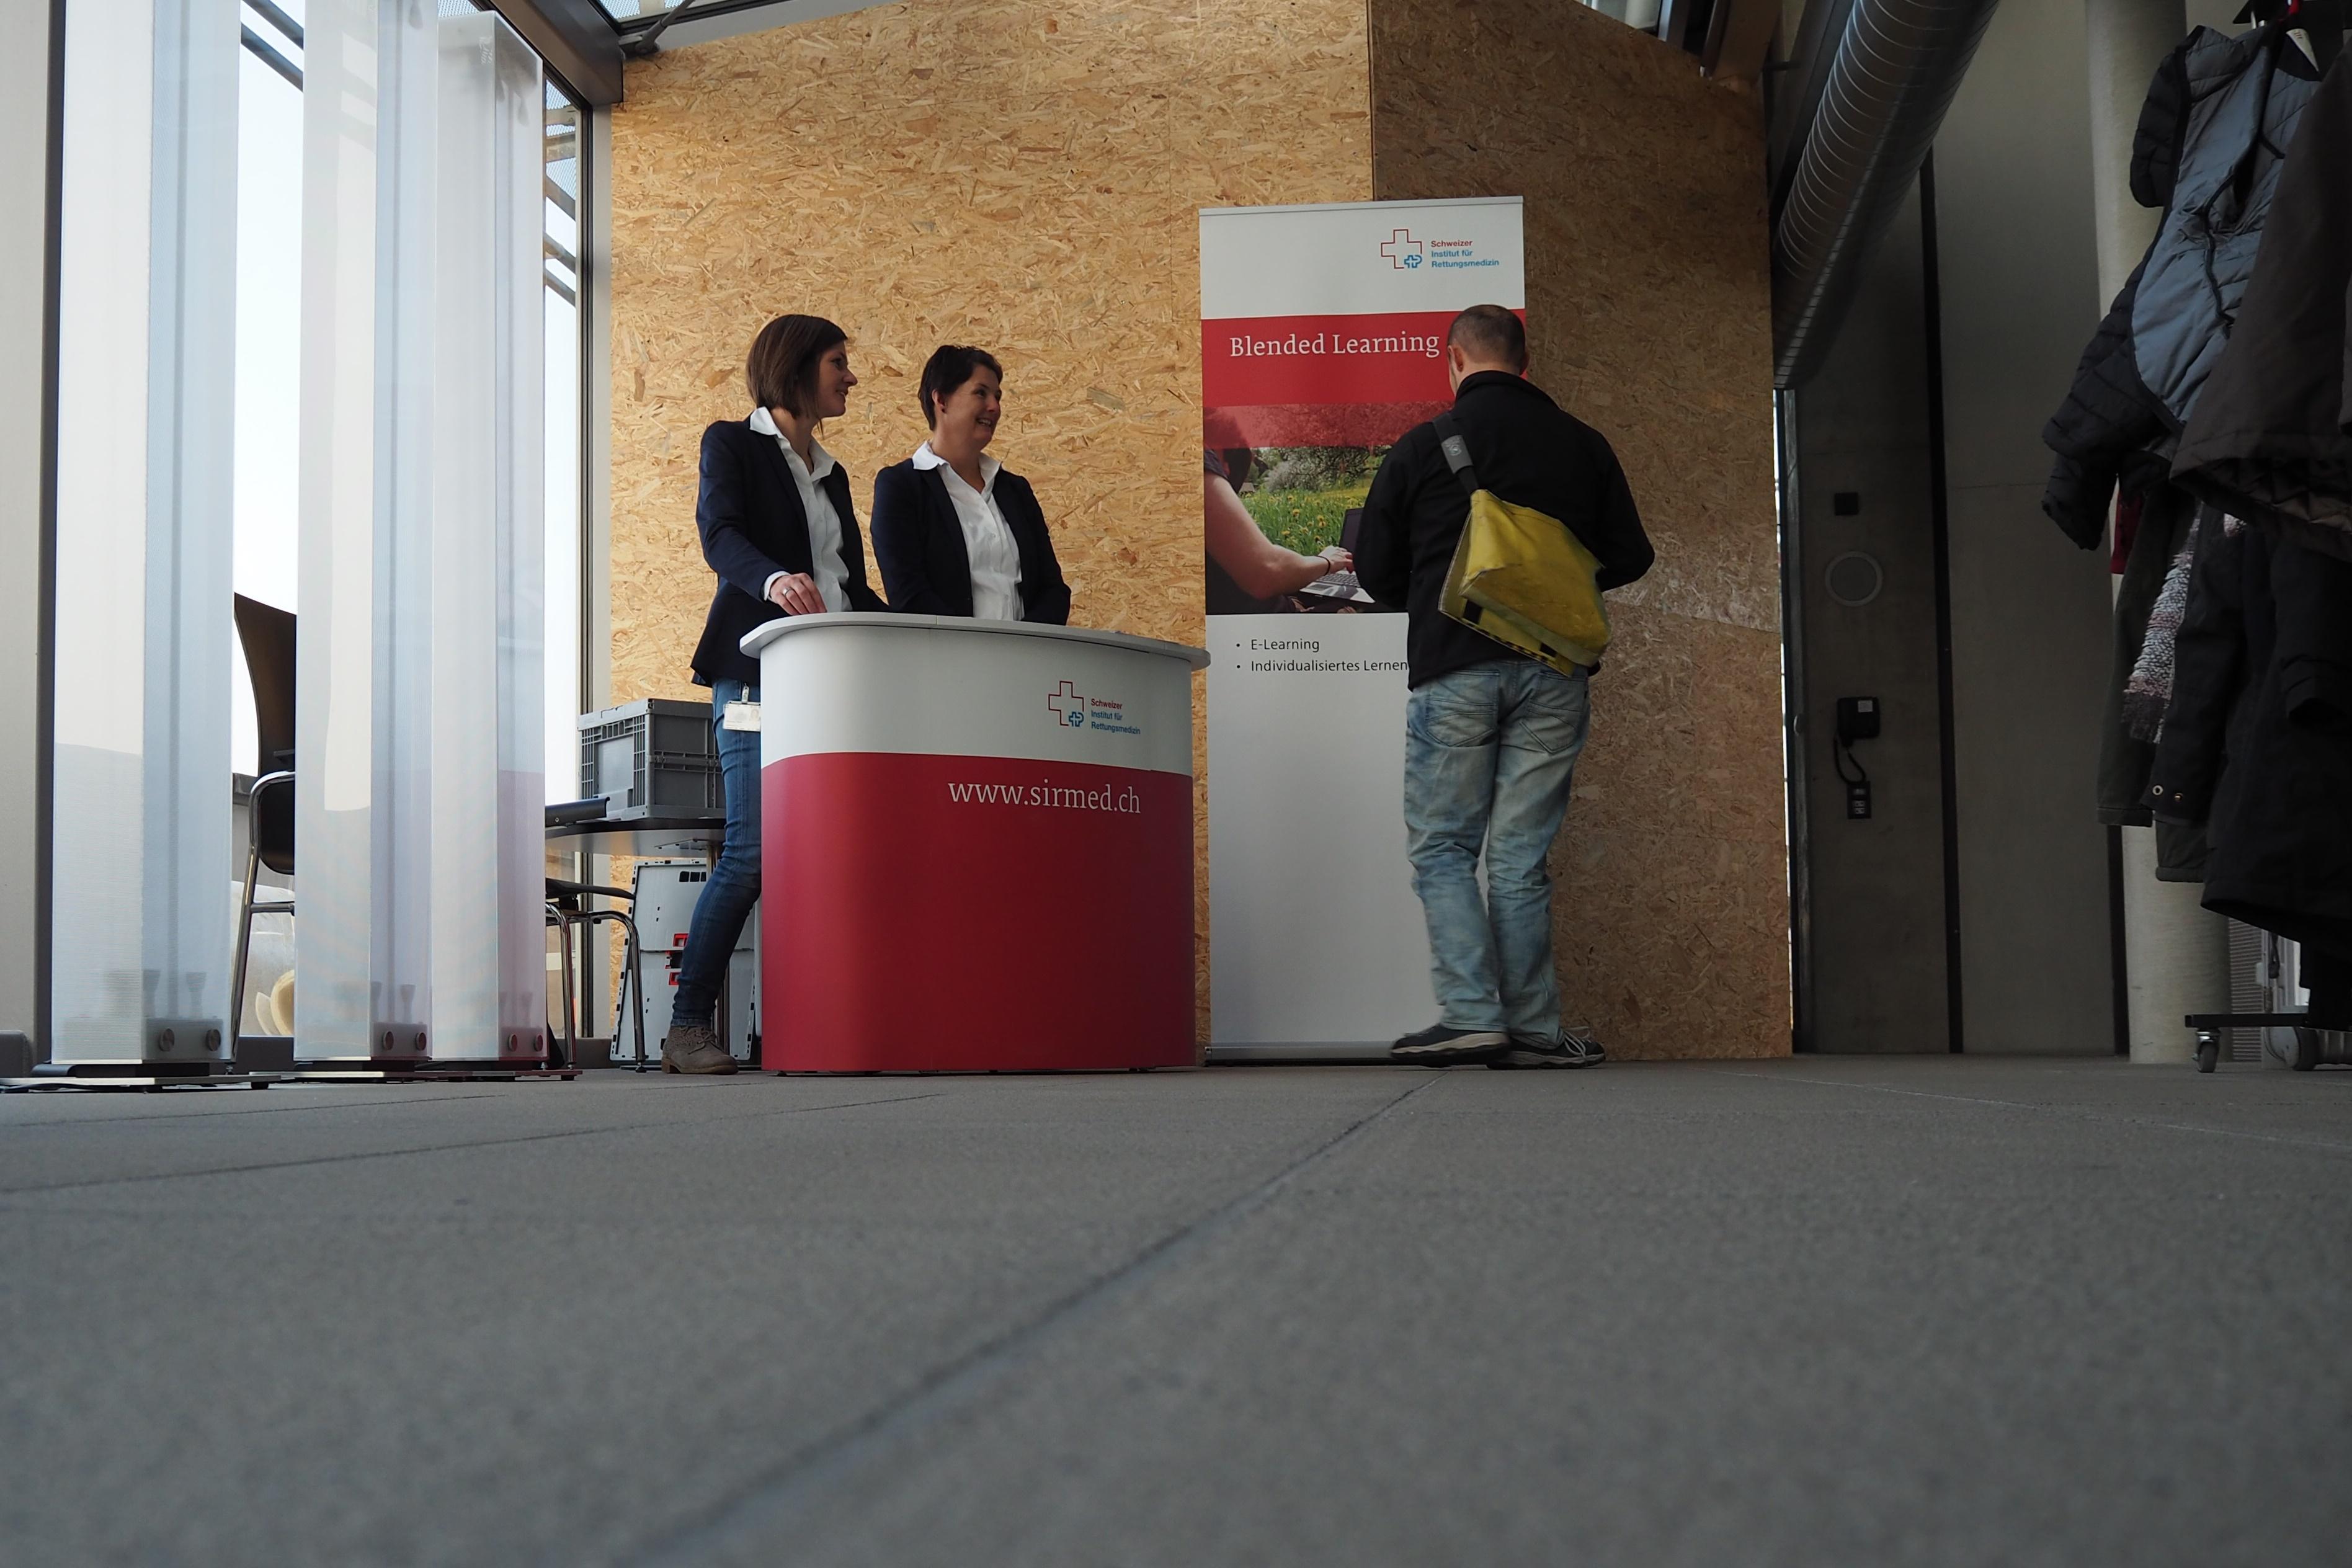 Sirmed - Symposium Retten und Lernen - Stände und Informationen